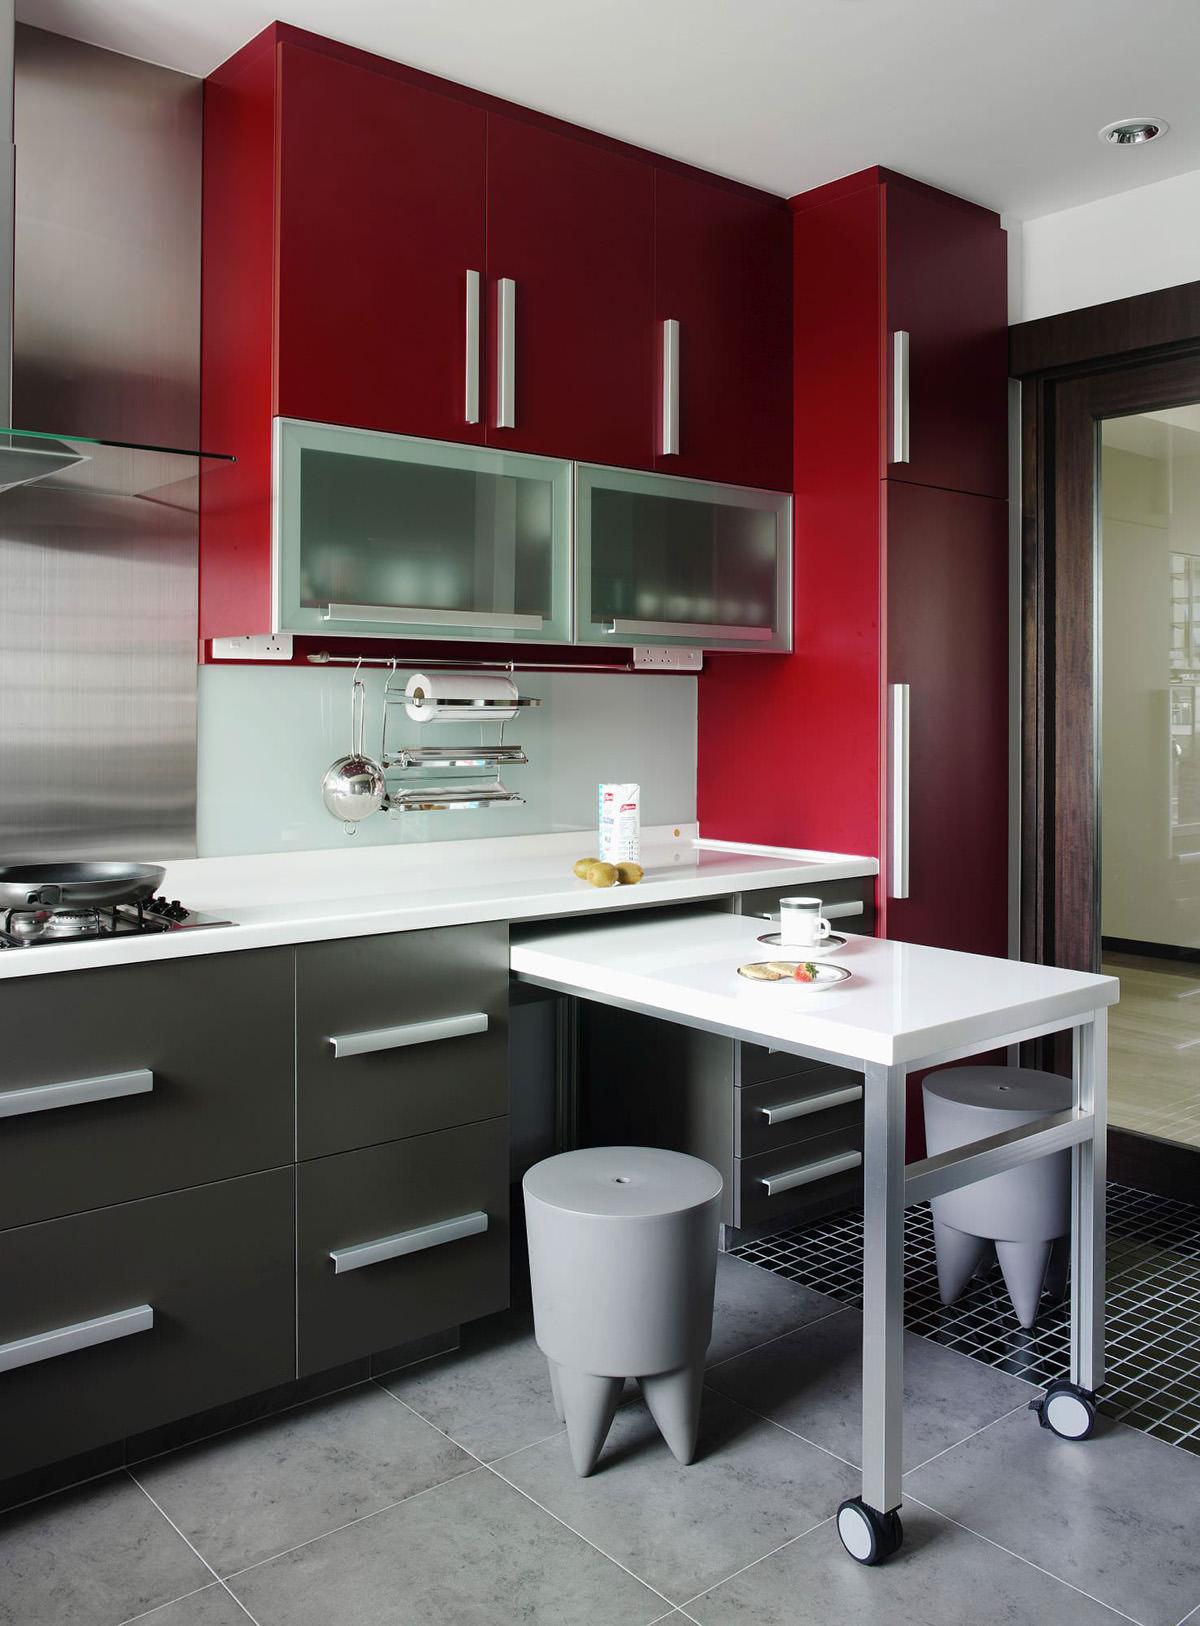 дизайн маленькой кухни фото с барной стойкой